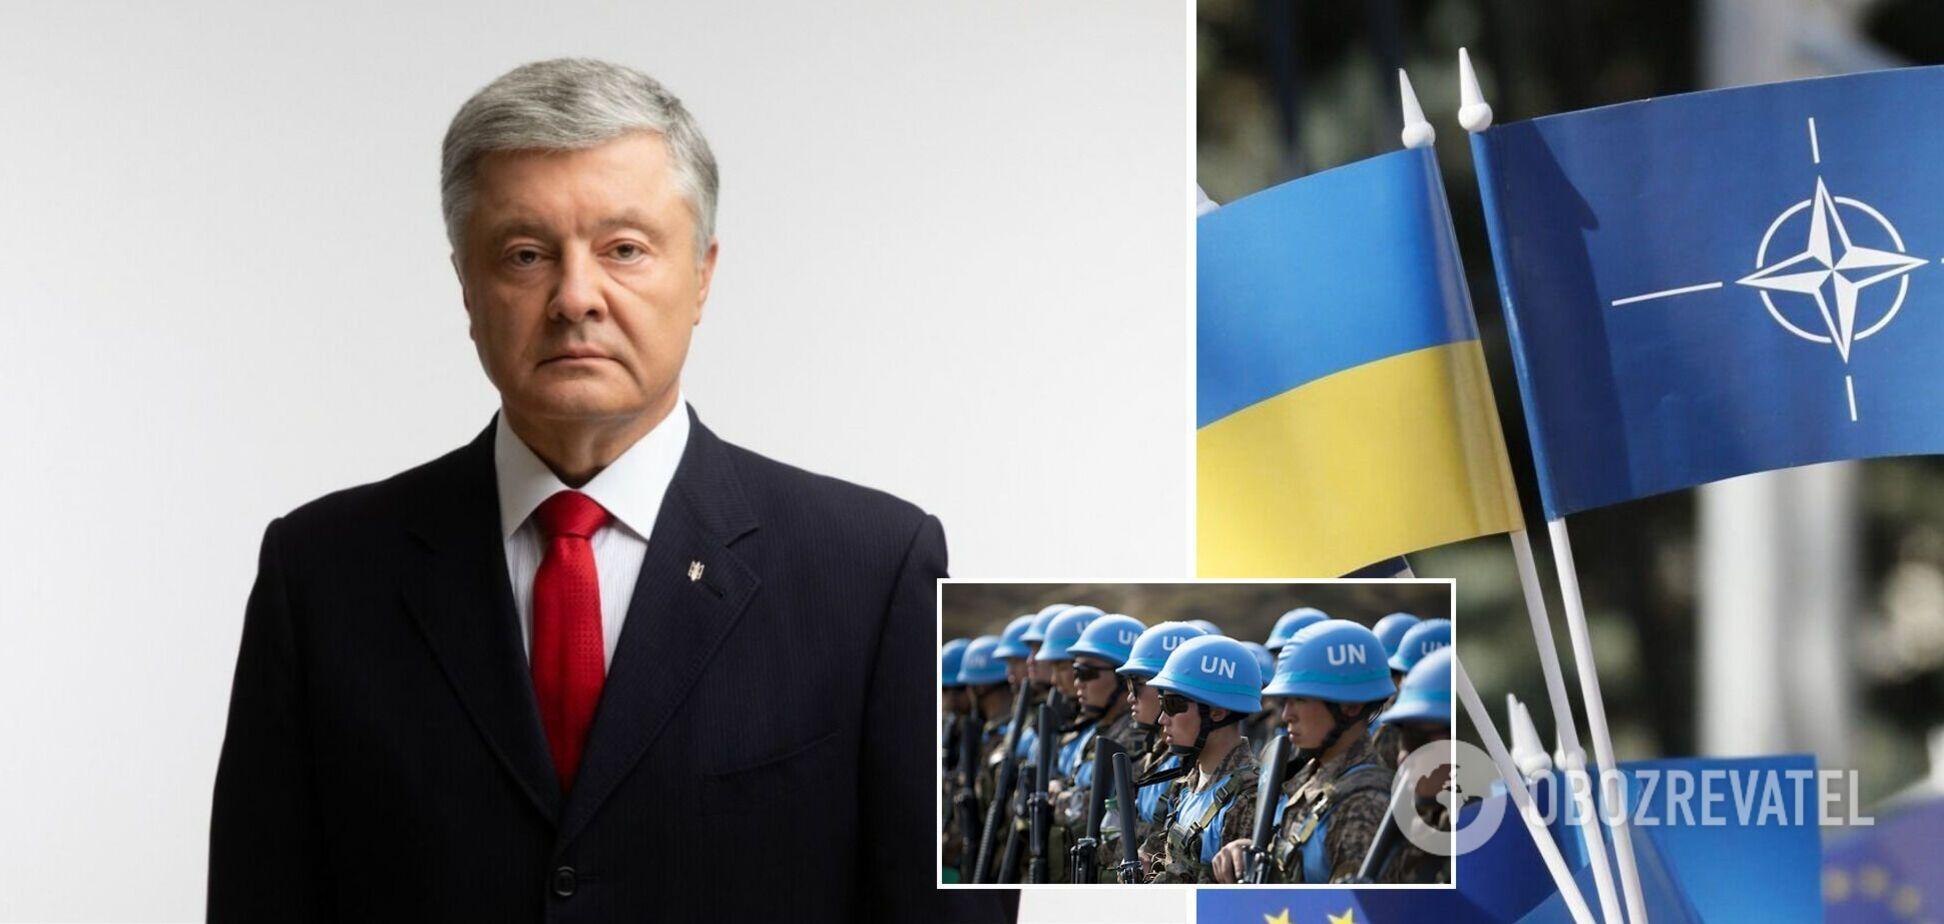 Порошенко призвал поддержать заявку Украины в НАТО и отправить миротворцев на Донбасс – The Washington Times